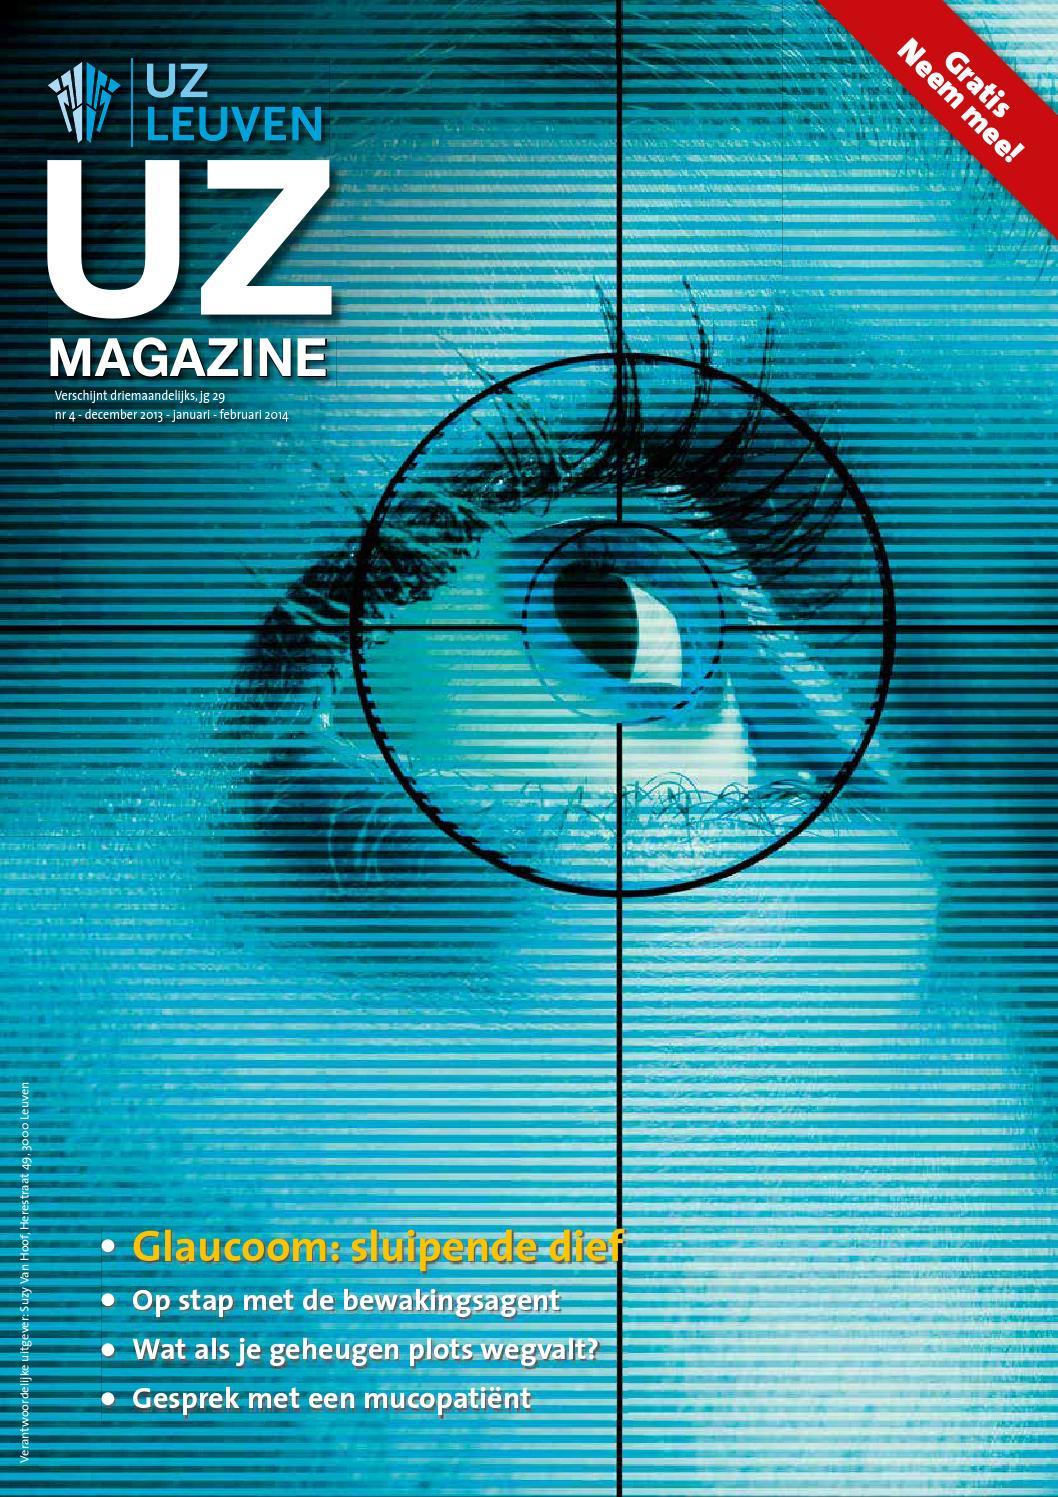 Uz Magazine December 2013 By Uz Leuven Issuu